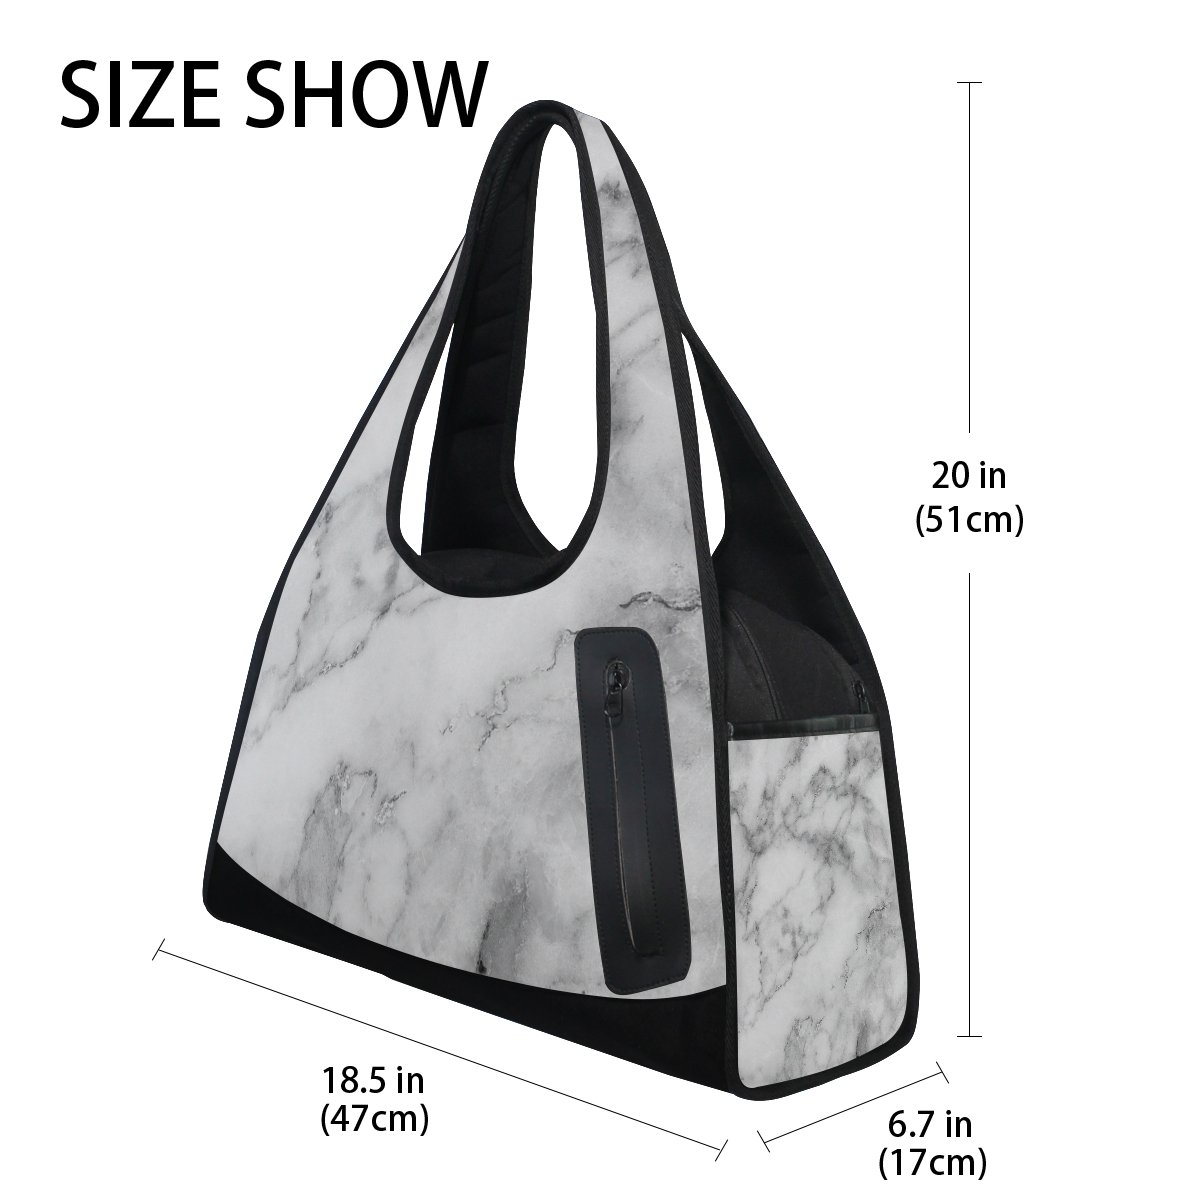 AHOMY Canvas Sports Gym Bag Marble Pattern Travel Shoulder Bag